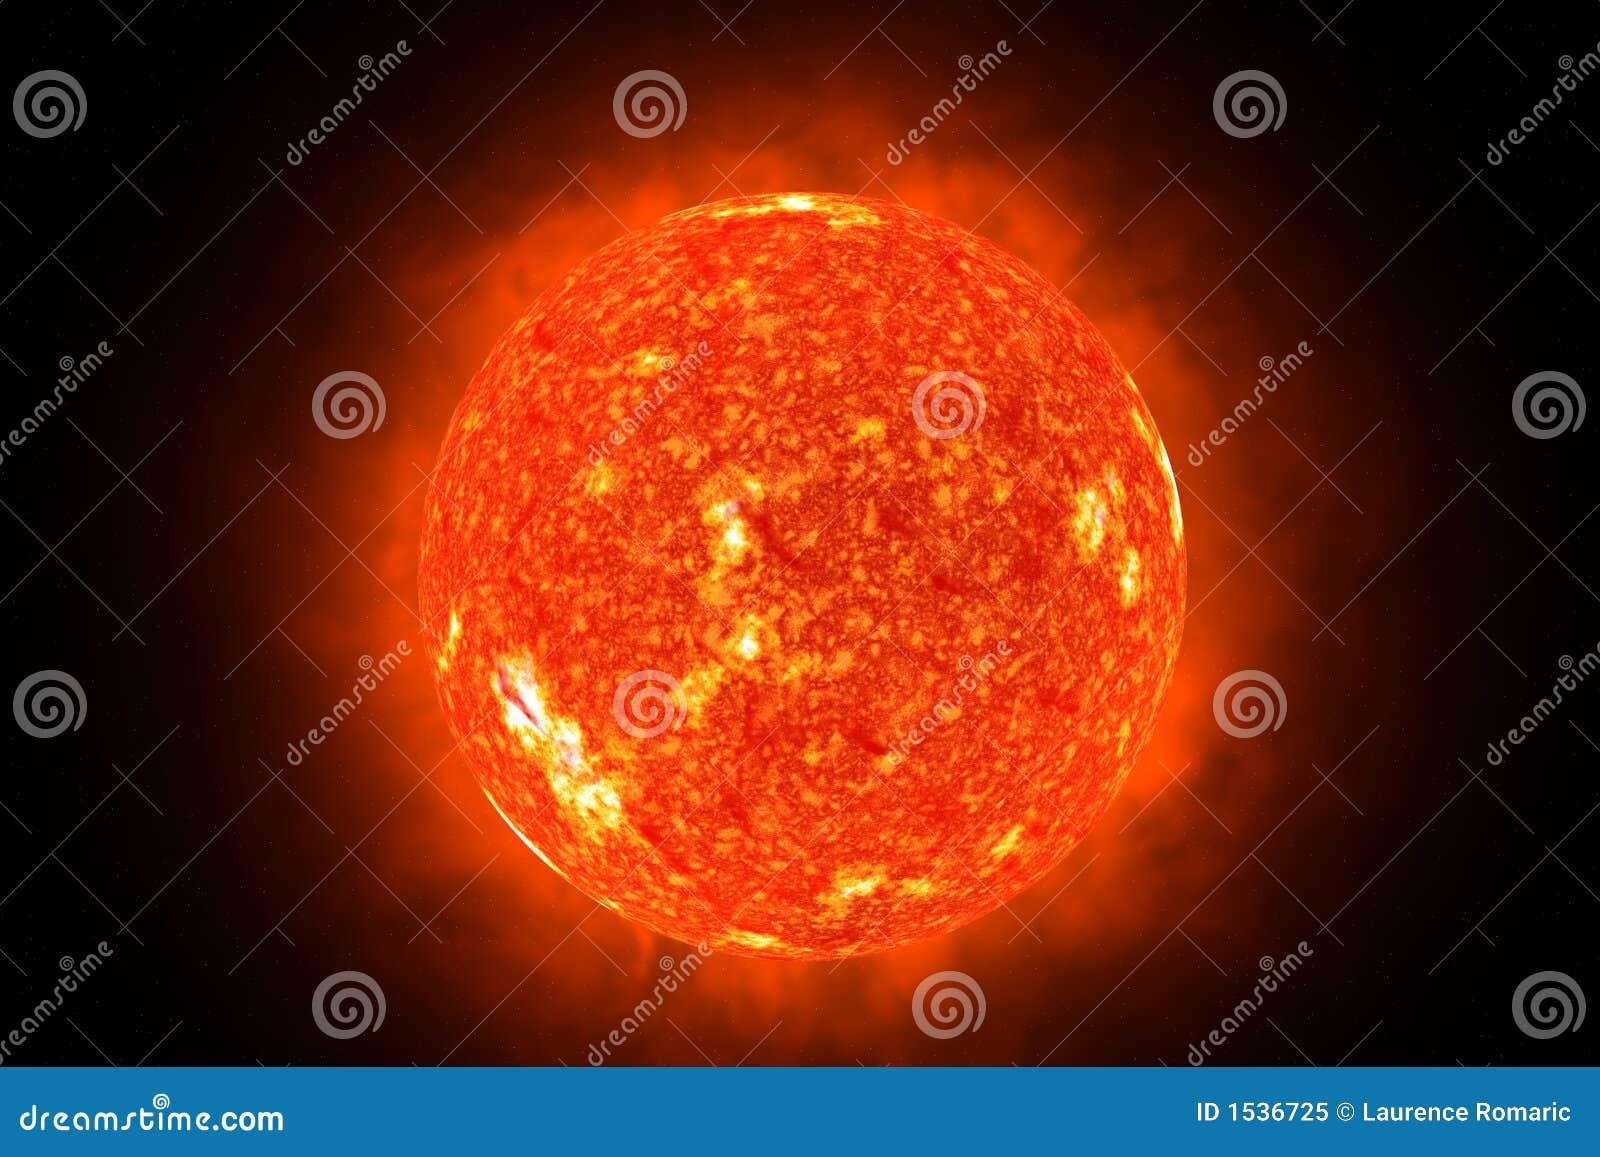 Sun 3d